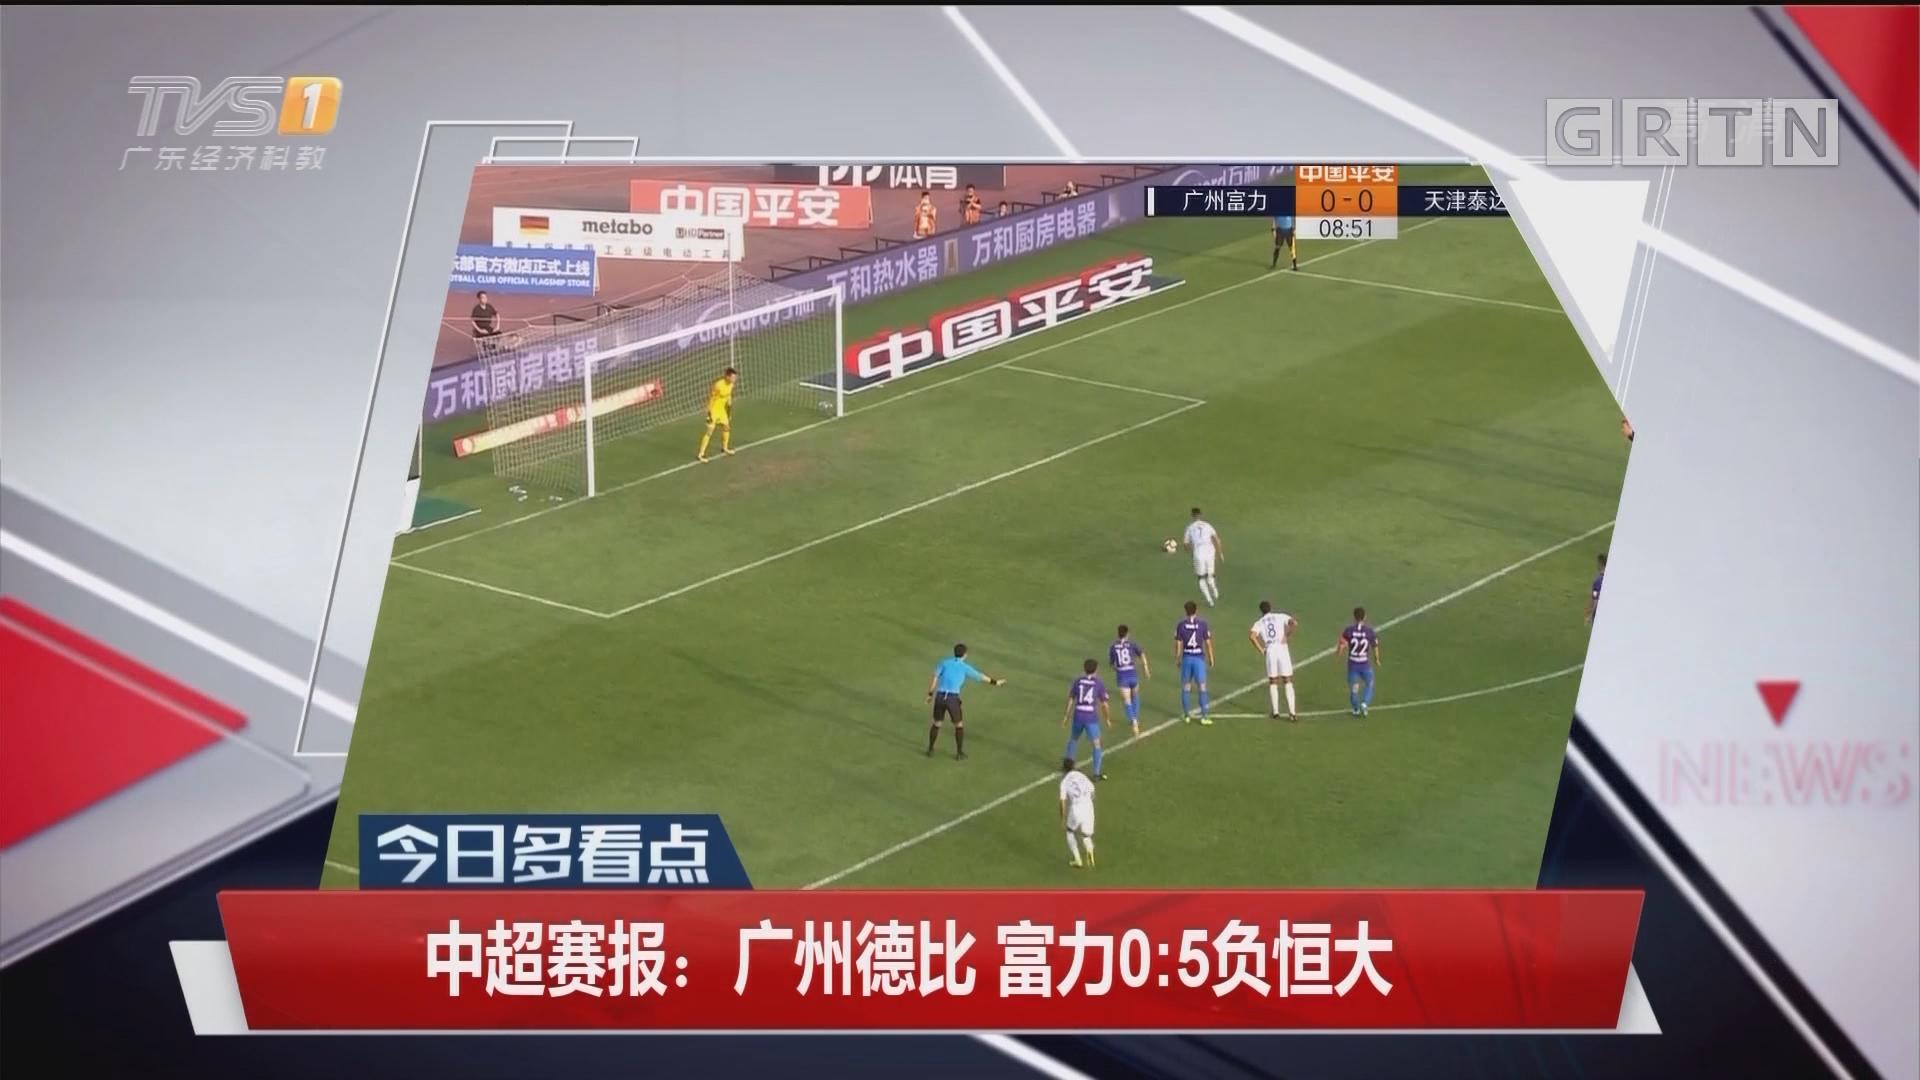 中超赛报:广州德比 富力0:5负恒大